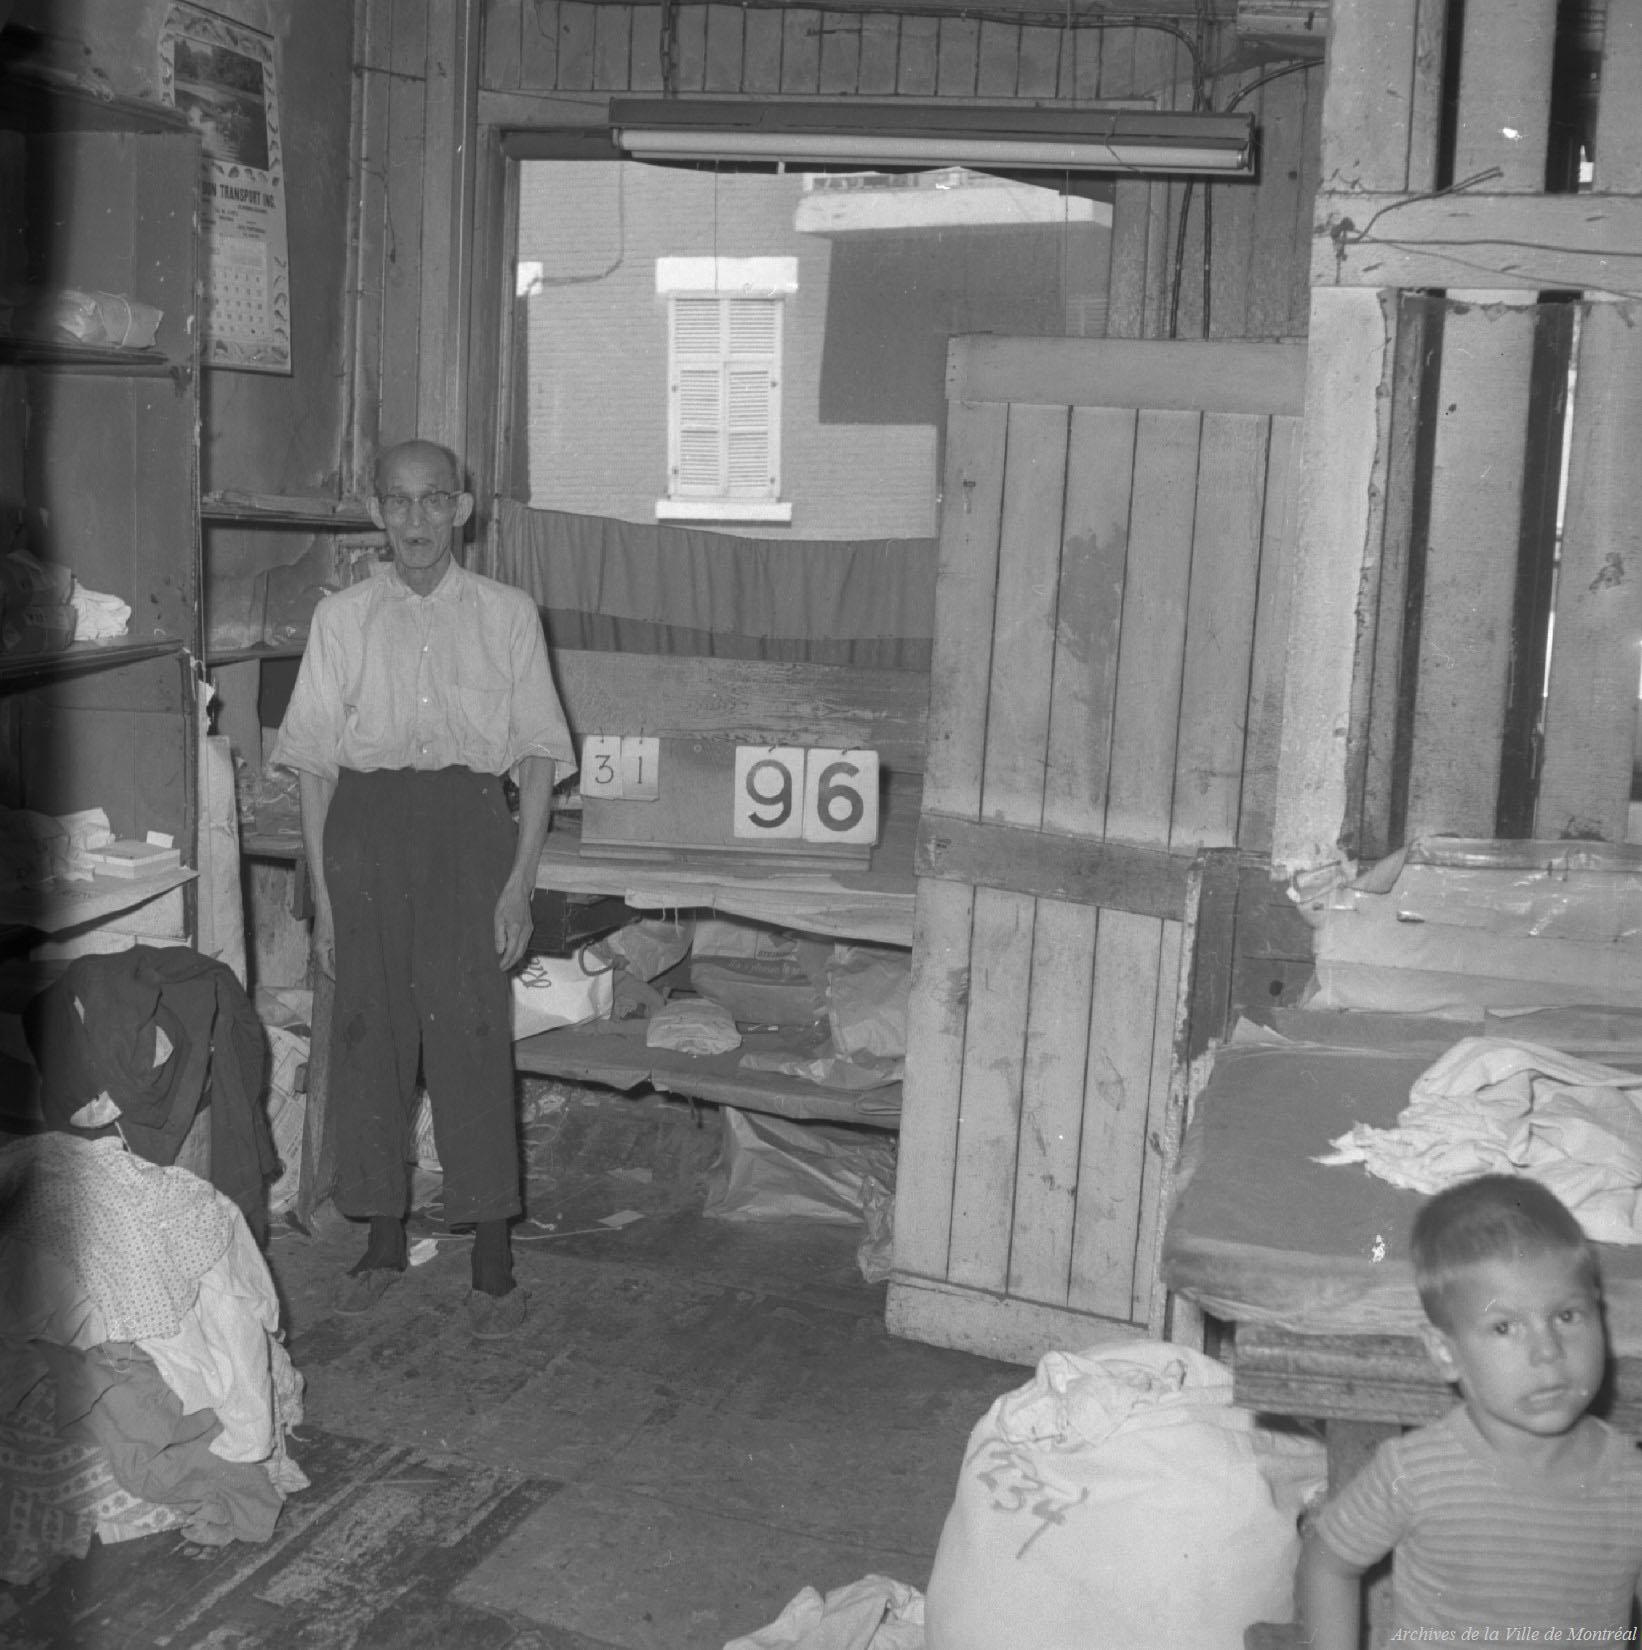 Photo en noir et blanc de l'intérieur d'une buanderie chinoise. Un homme âgé d'origine chinoise est debout au fond de la pièce. On voit un enfant, en partie coupé, dans le coin en bas à droite.